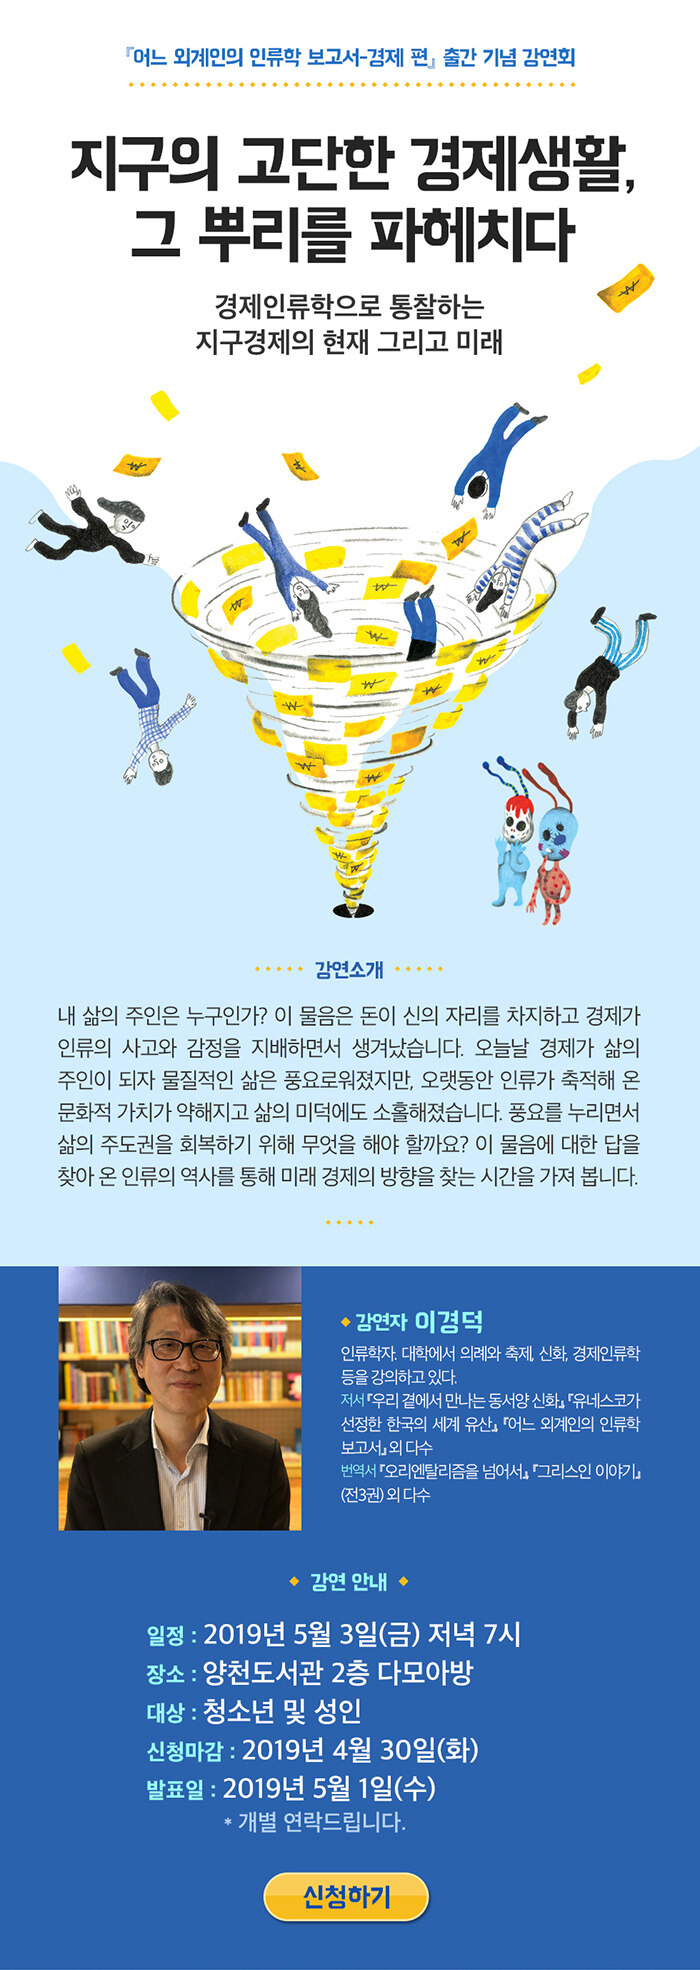 <어느 외계인의 인류학 보고서 - 경제 편> 강연회